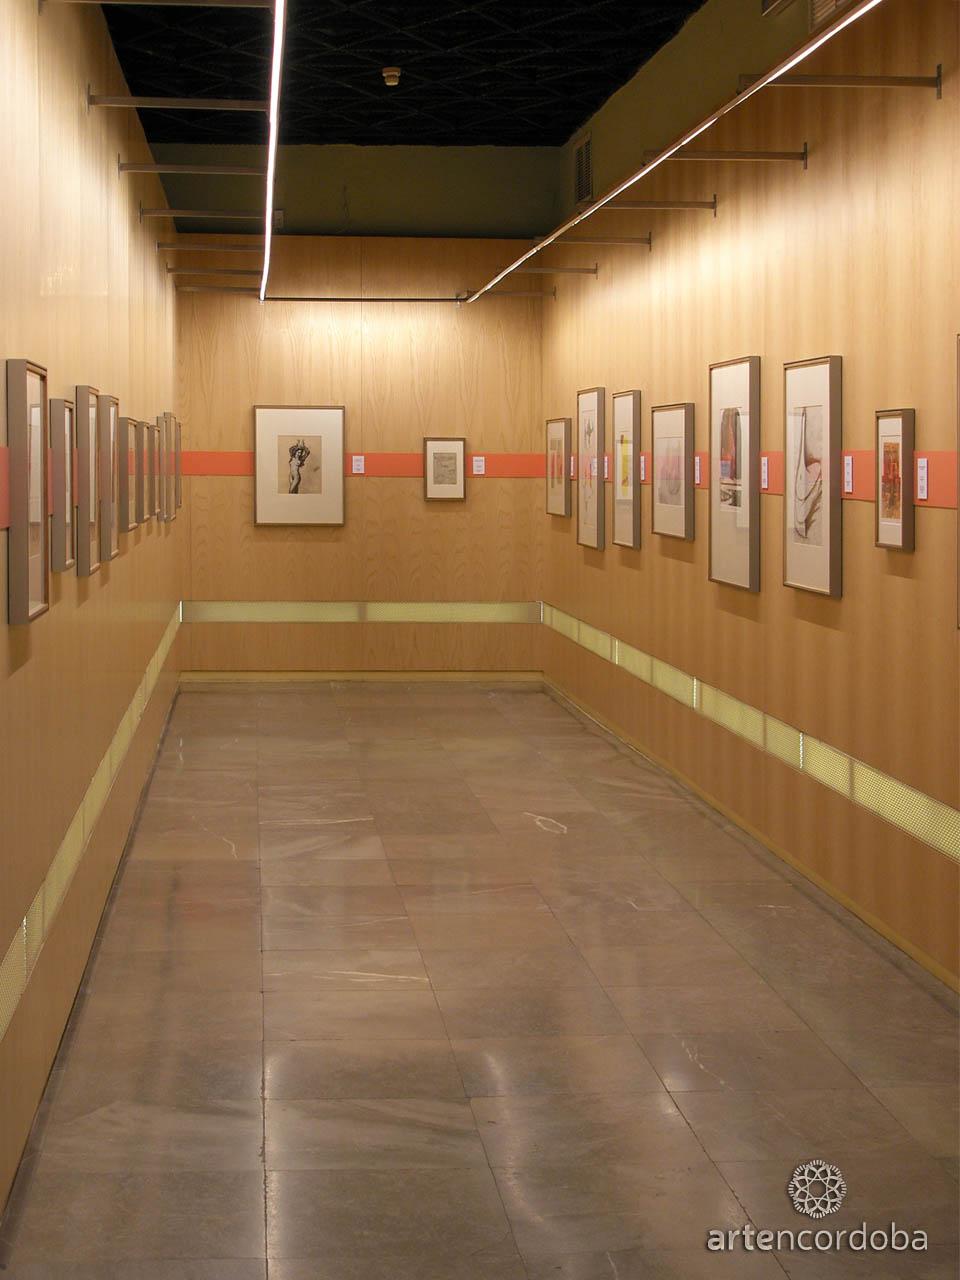 Sala 'Dibujos y Estampas' en el Museo de Bellas Artes de Córdoba